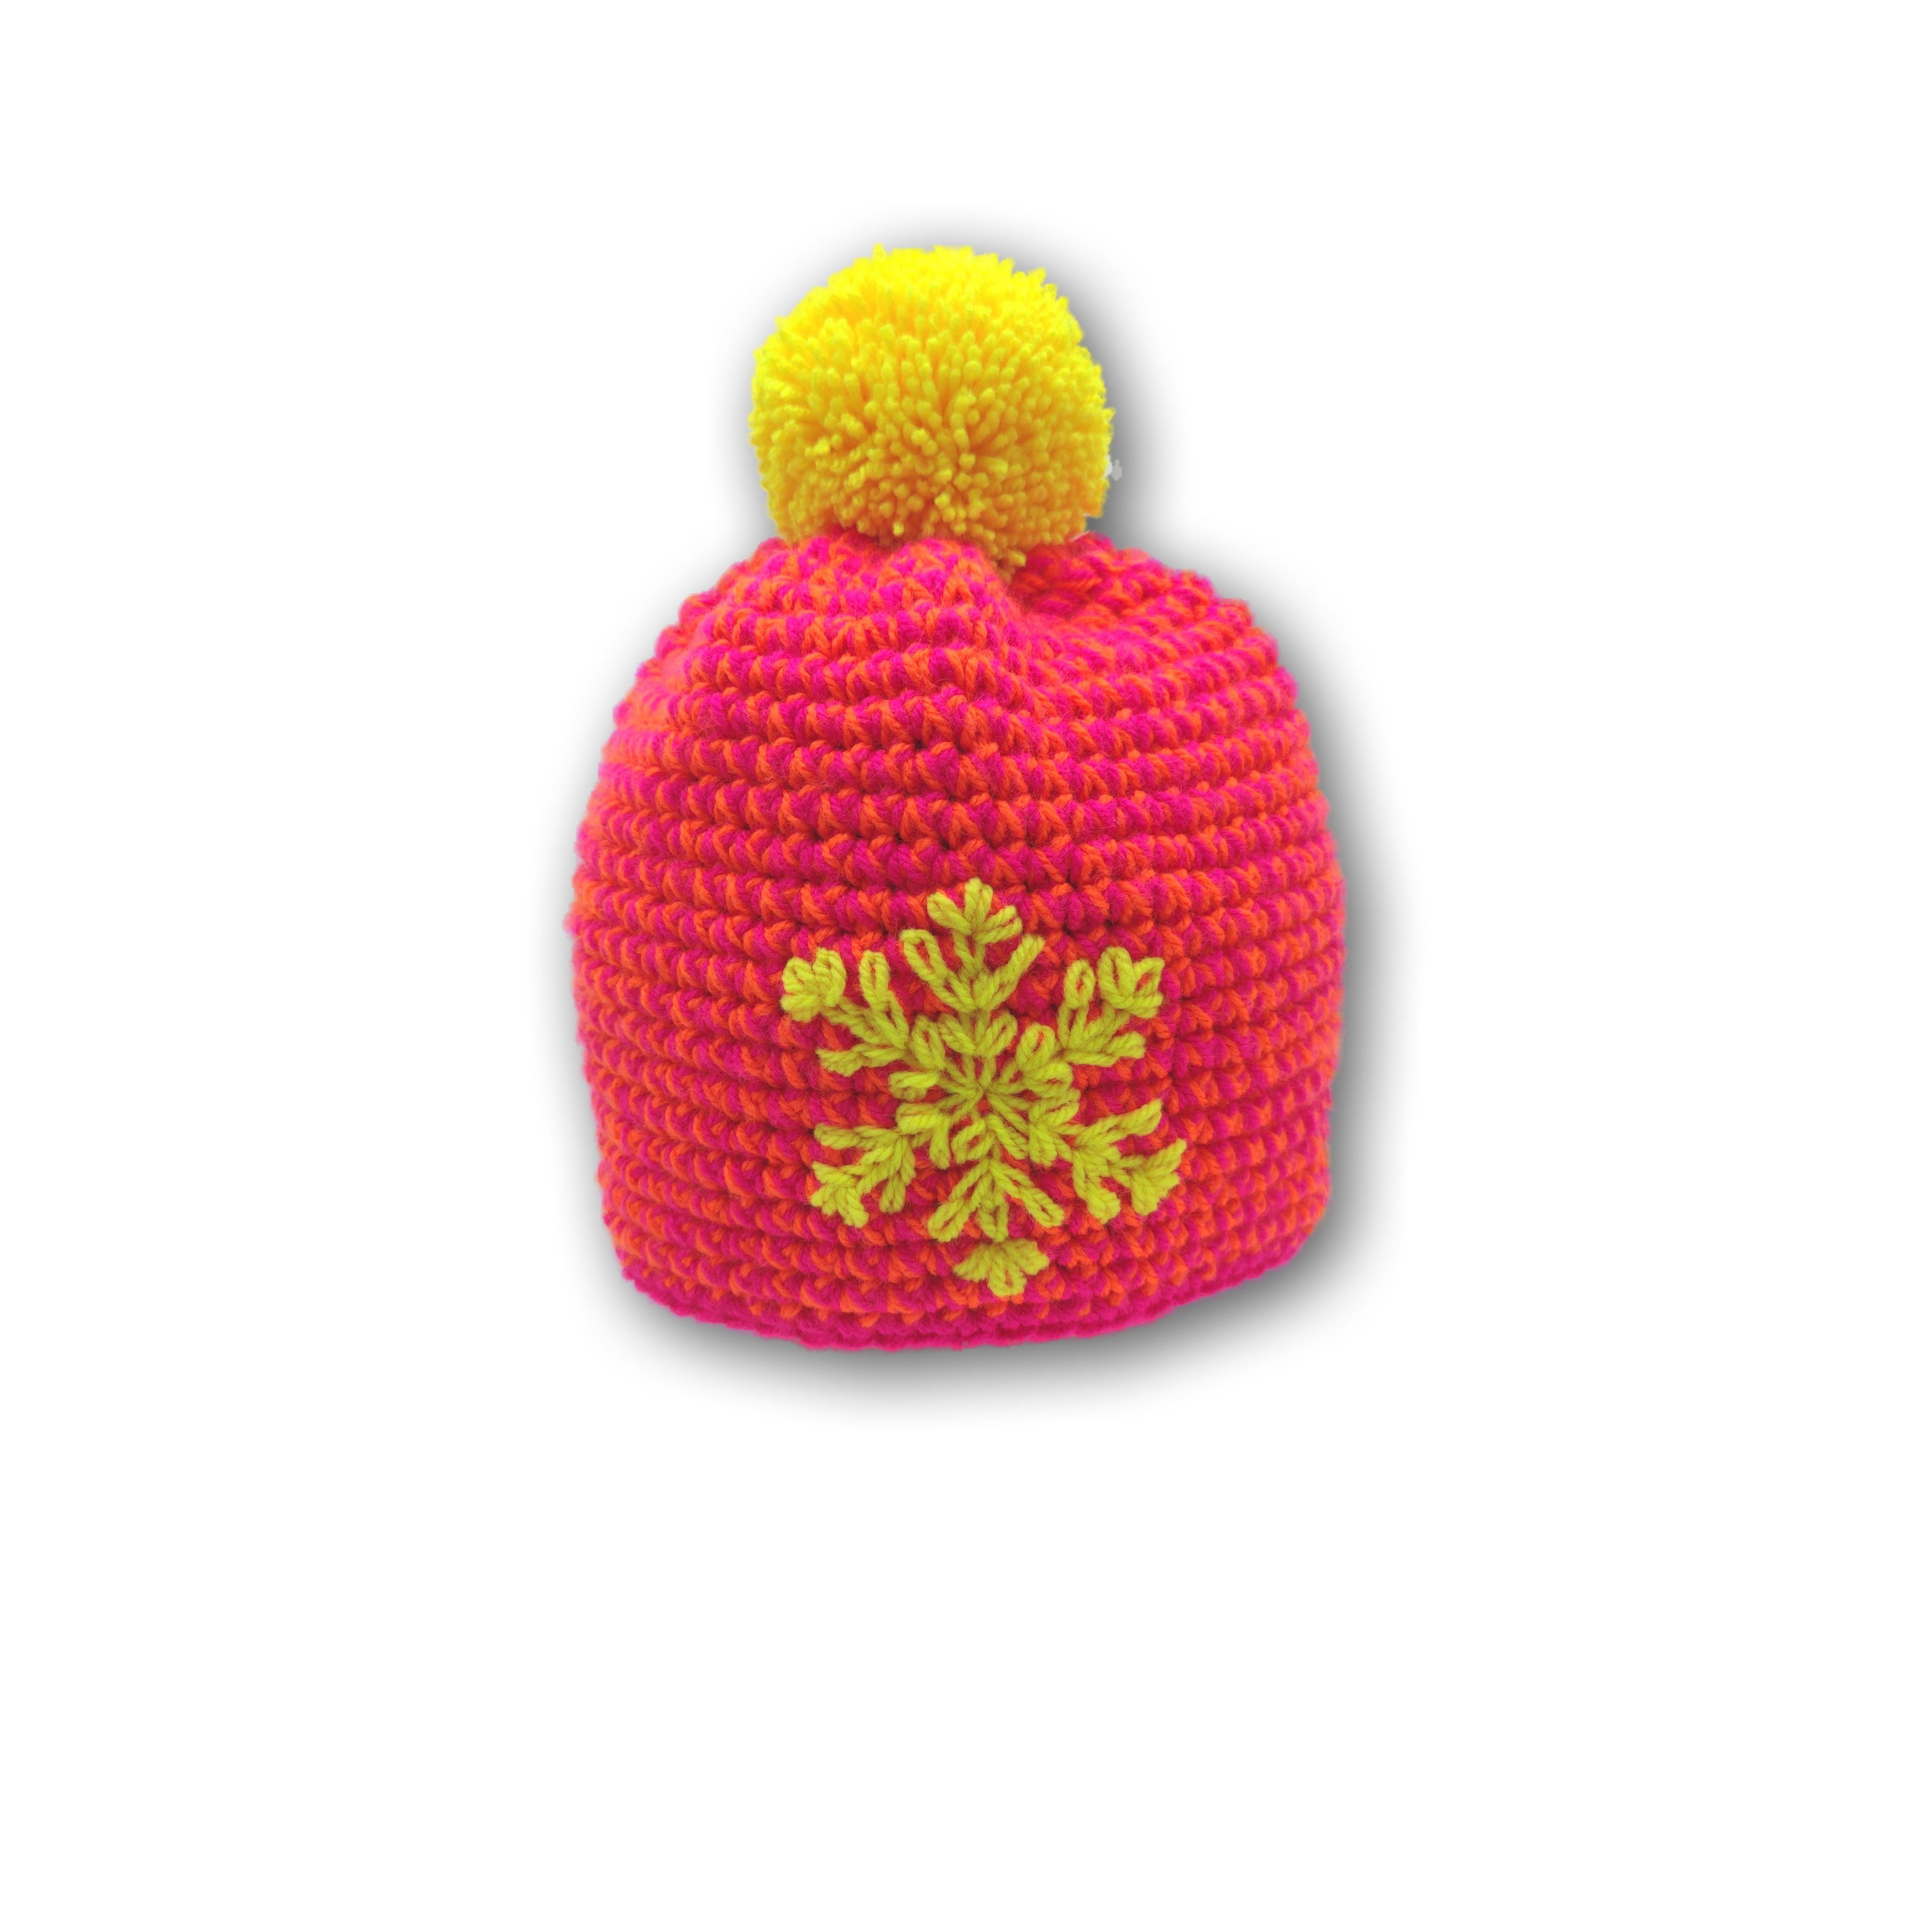 pink bommel mütze gehäkelt schneekristall